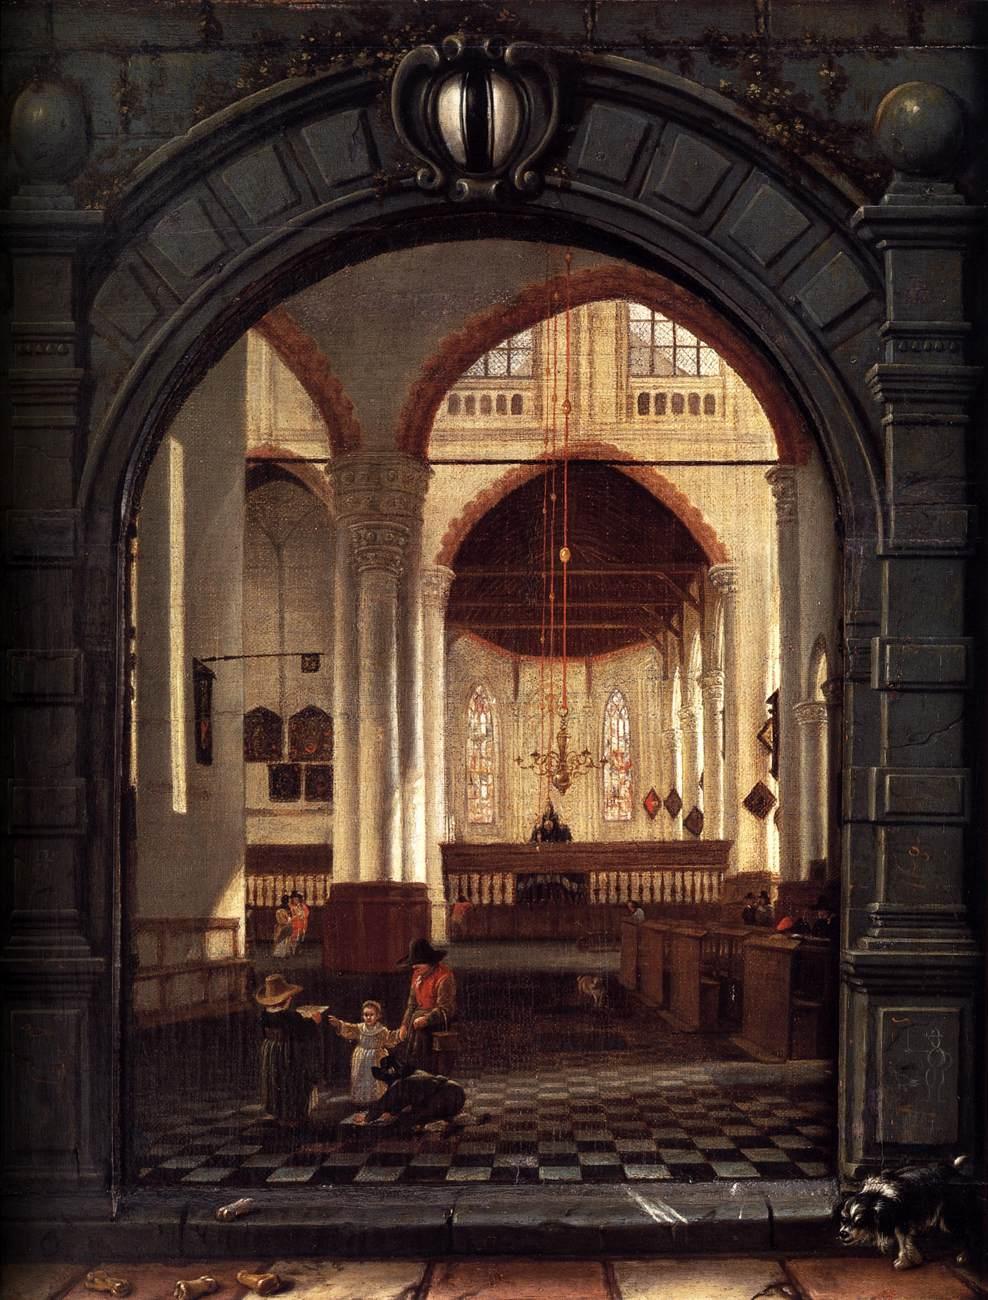 Louys Aernoutsz. Elsevier, Interieur van de Oude Kerk te Delft, 1653, doek op paneel geplakt met de omlijsting op paneel, 54,5x44,5cm, Nationaal Museum van Oude Kunst Lissabon (afbeelding Web Gallery of Art).